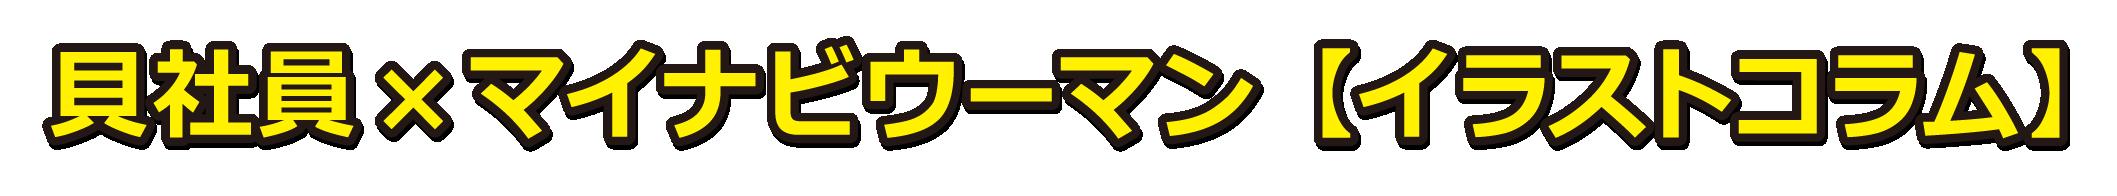 貝社員×マイナビウーマン【イラストコラム】